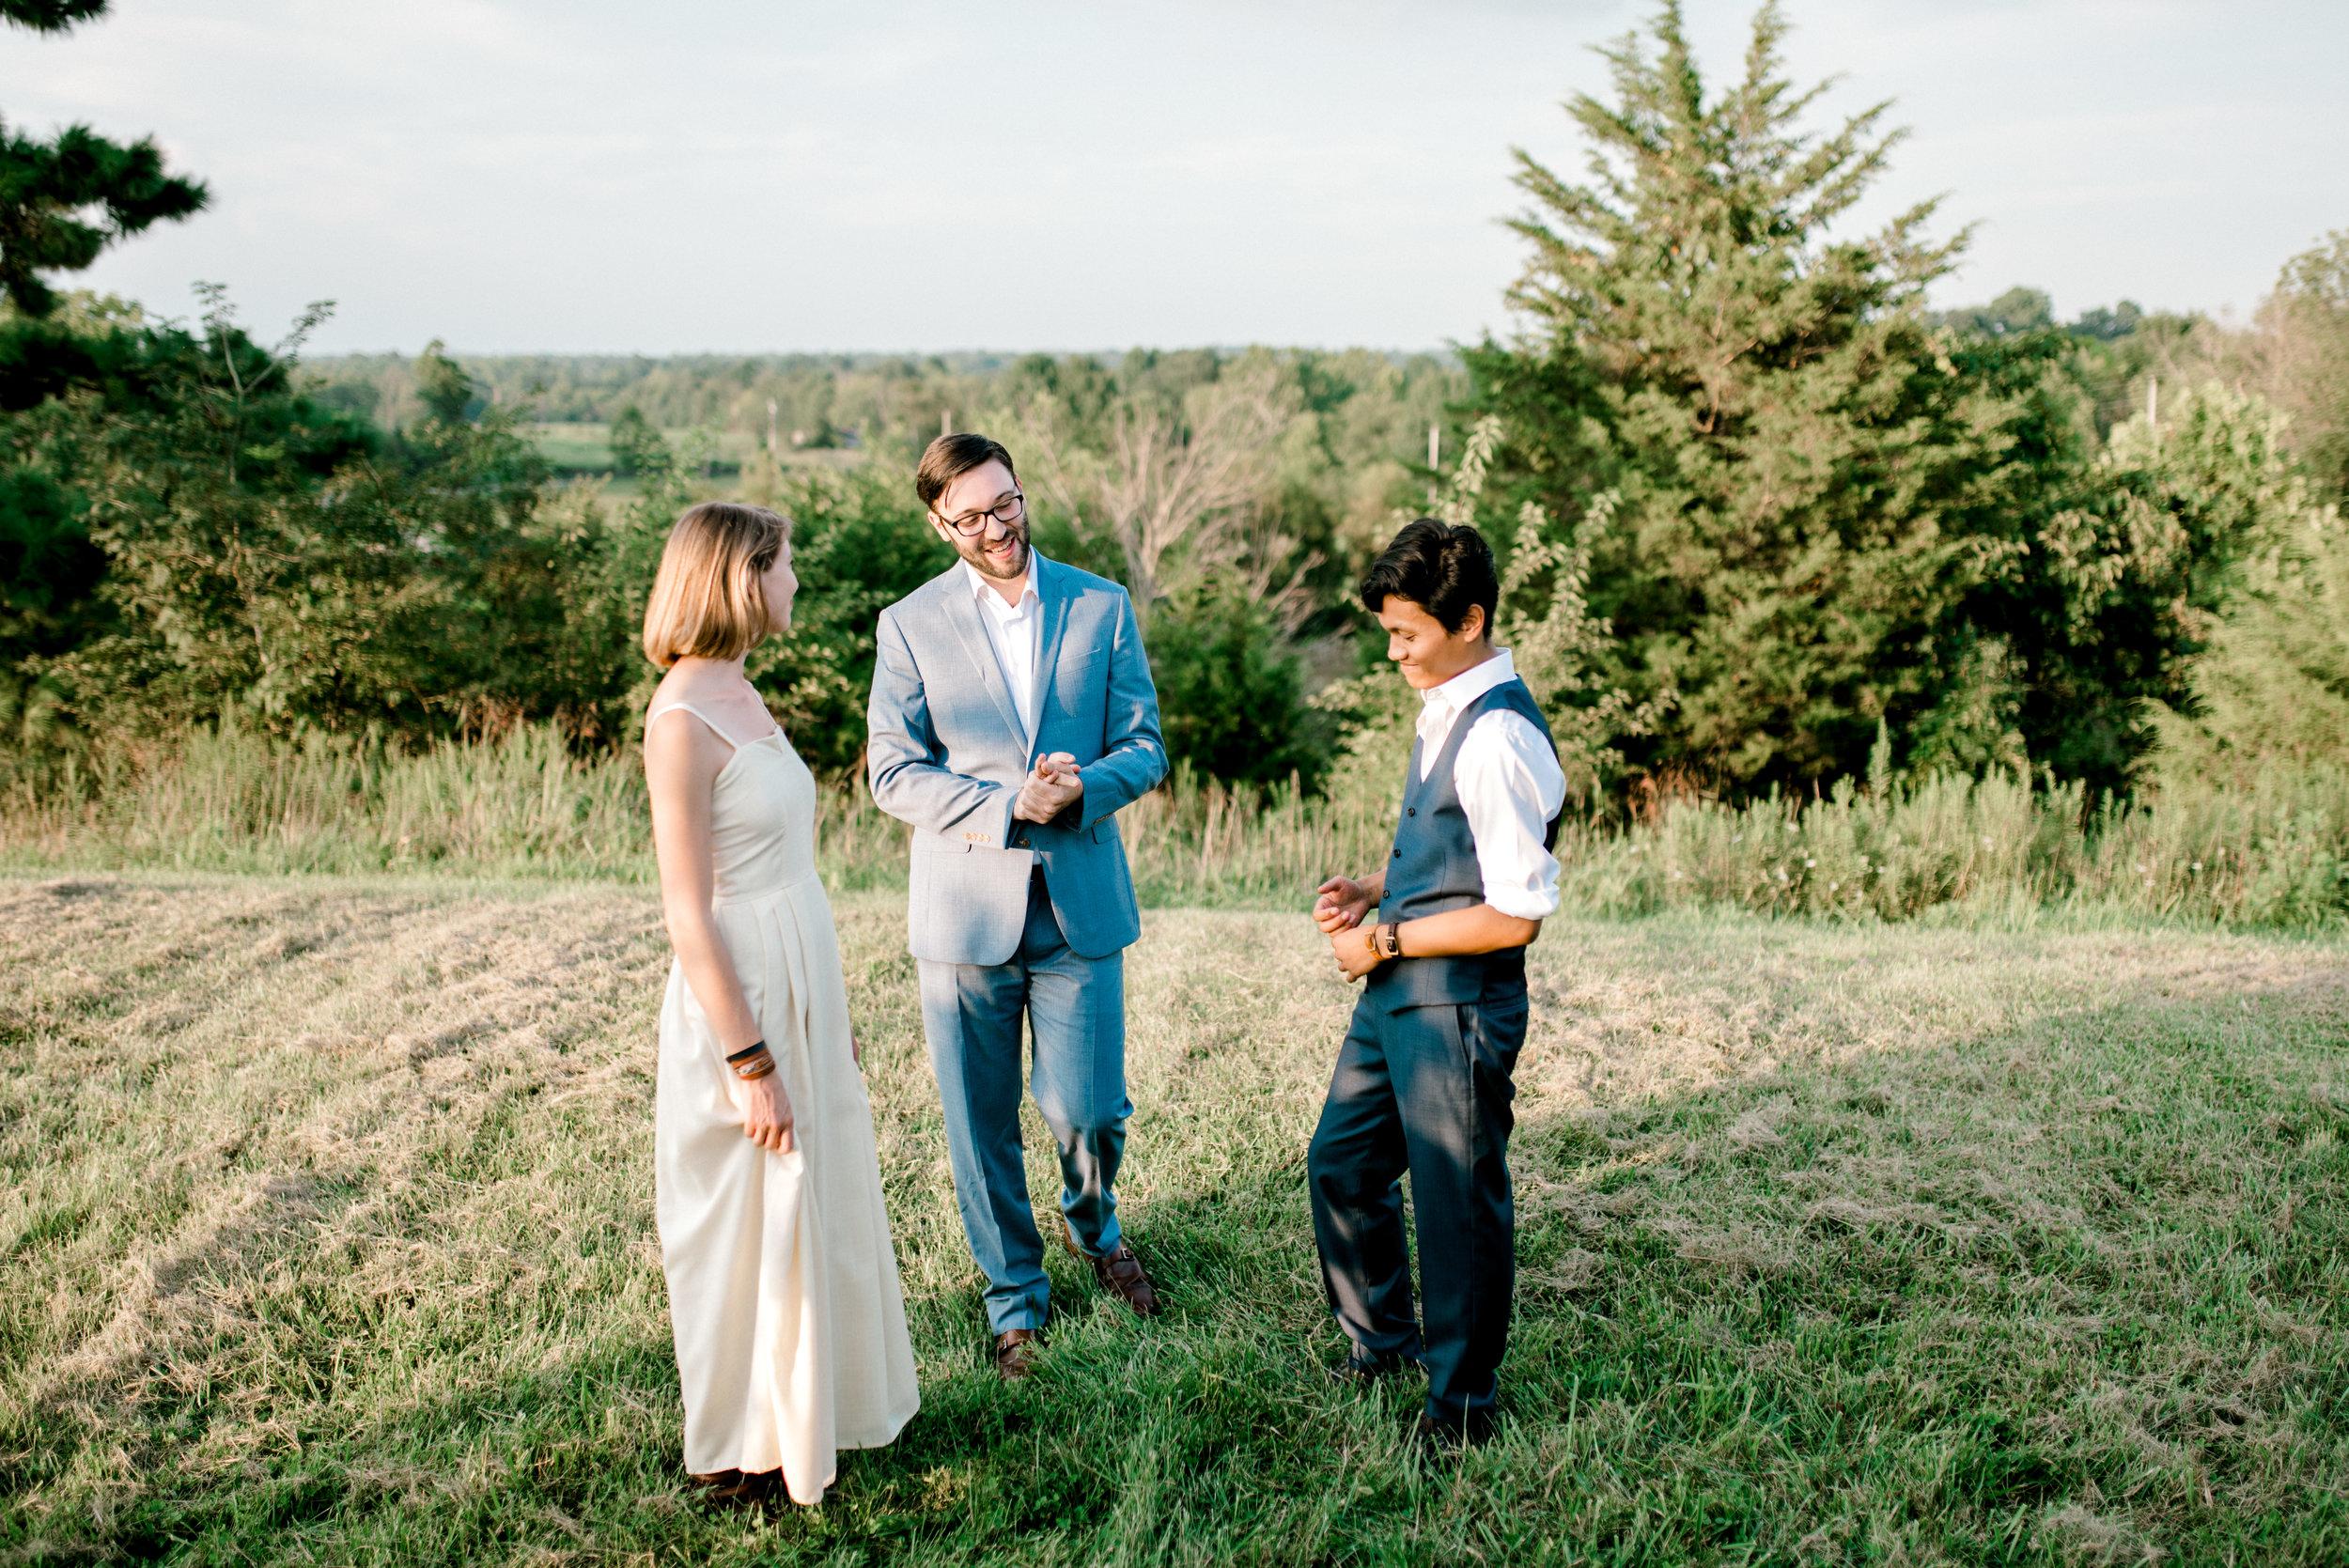 lexington-wedding-photographer-ceremony